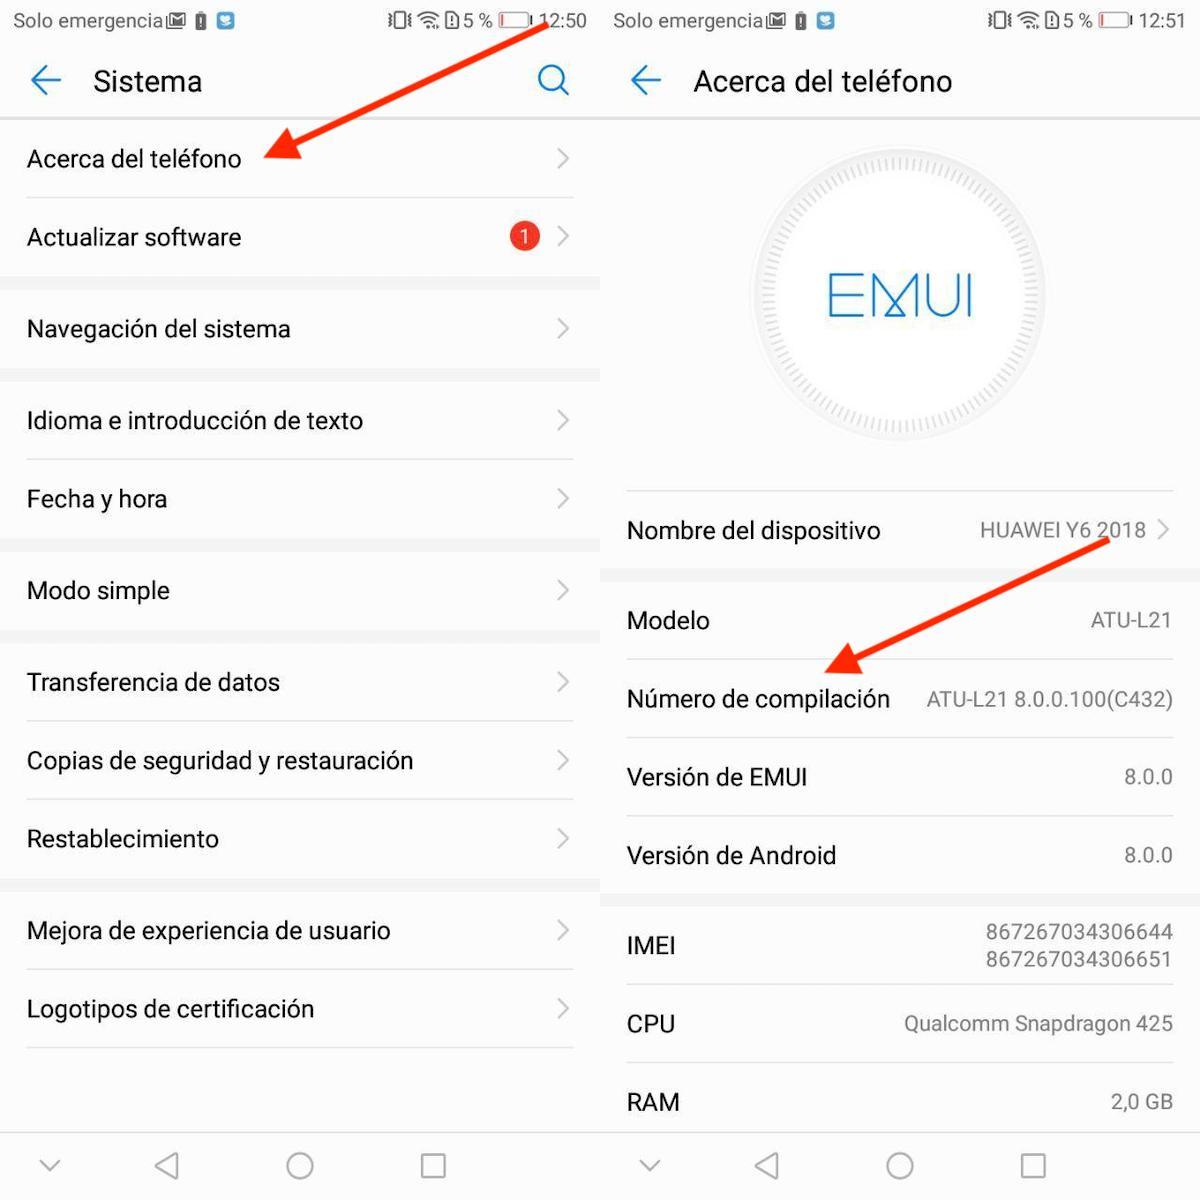 11 trucos del Huawei P Smart y Smart Plus para sacarles todo el provecho 2